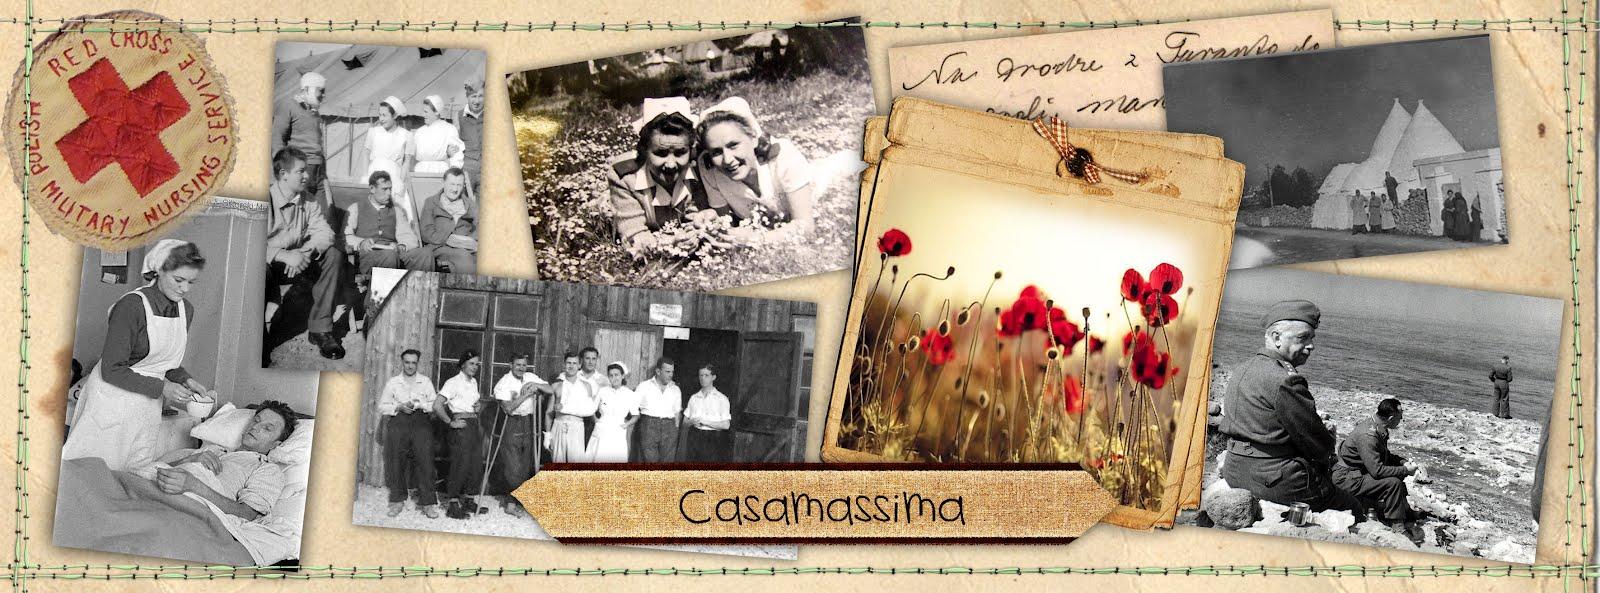 w drodze na Monte Cassino była też Casamassima...